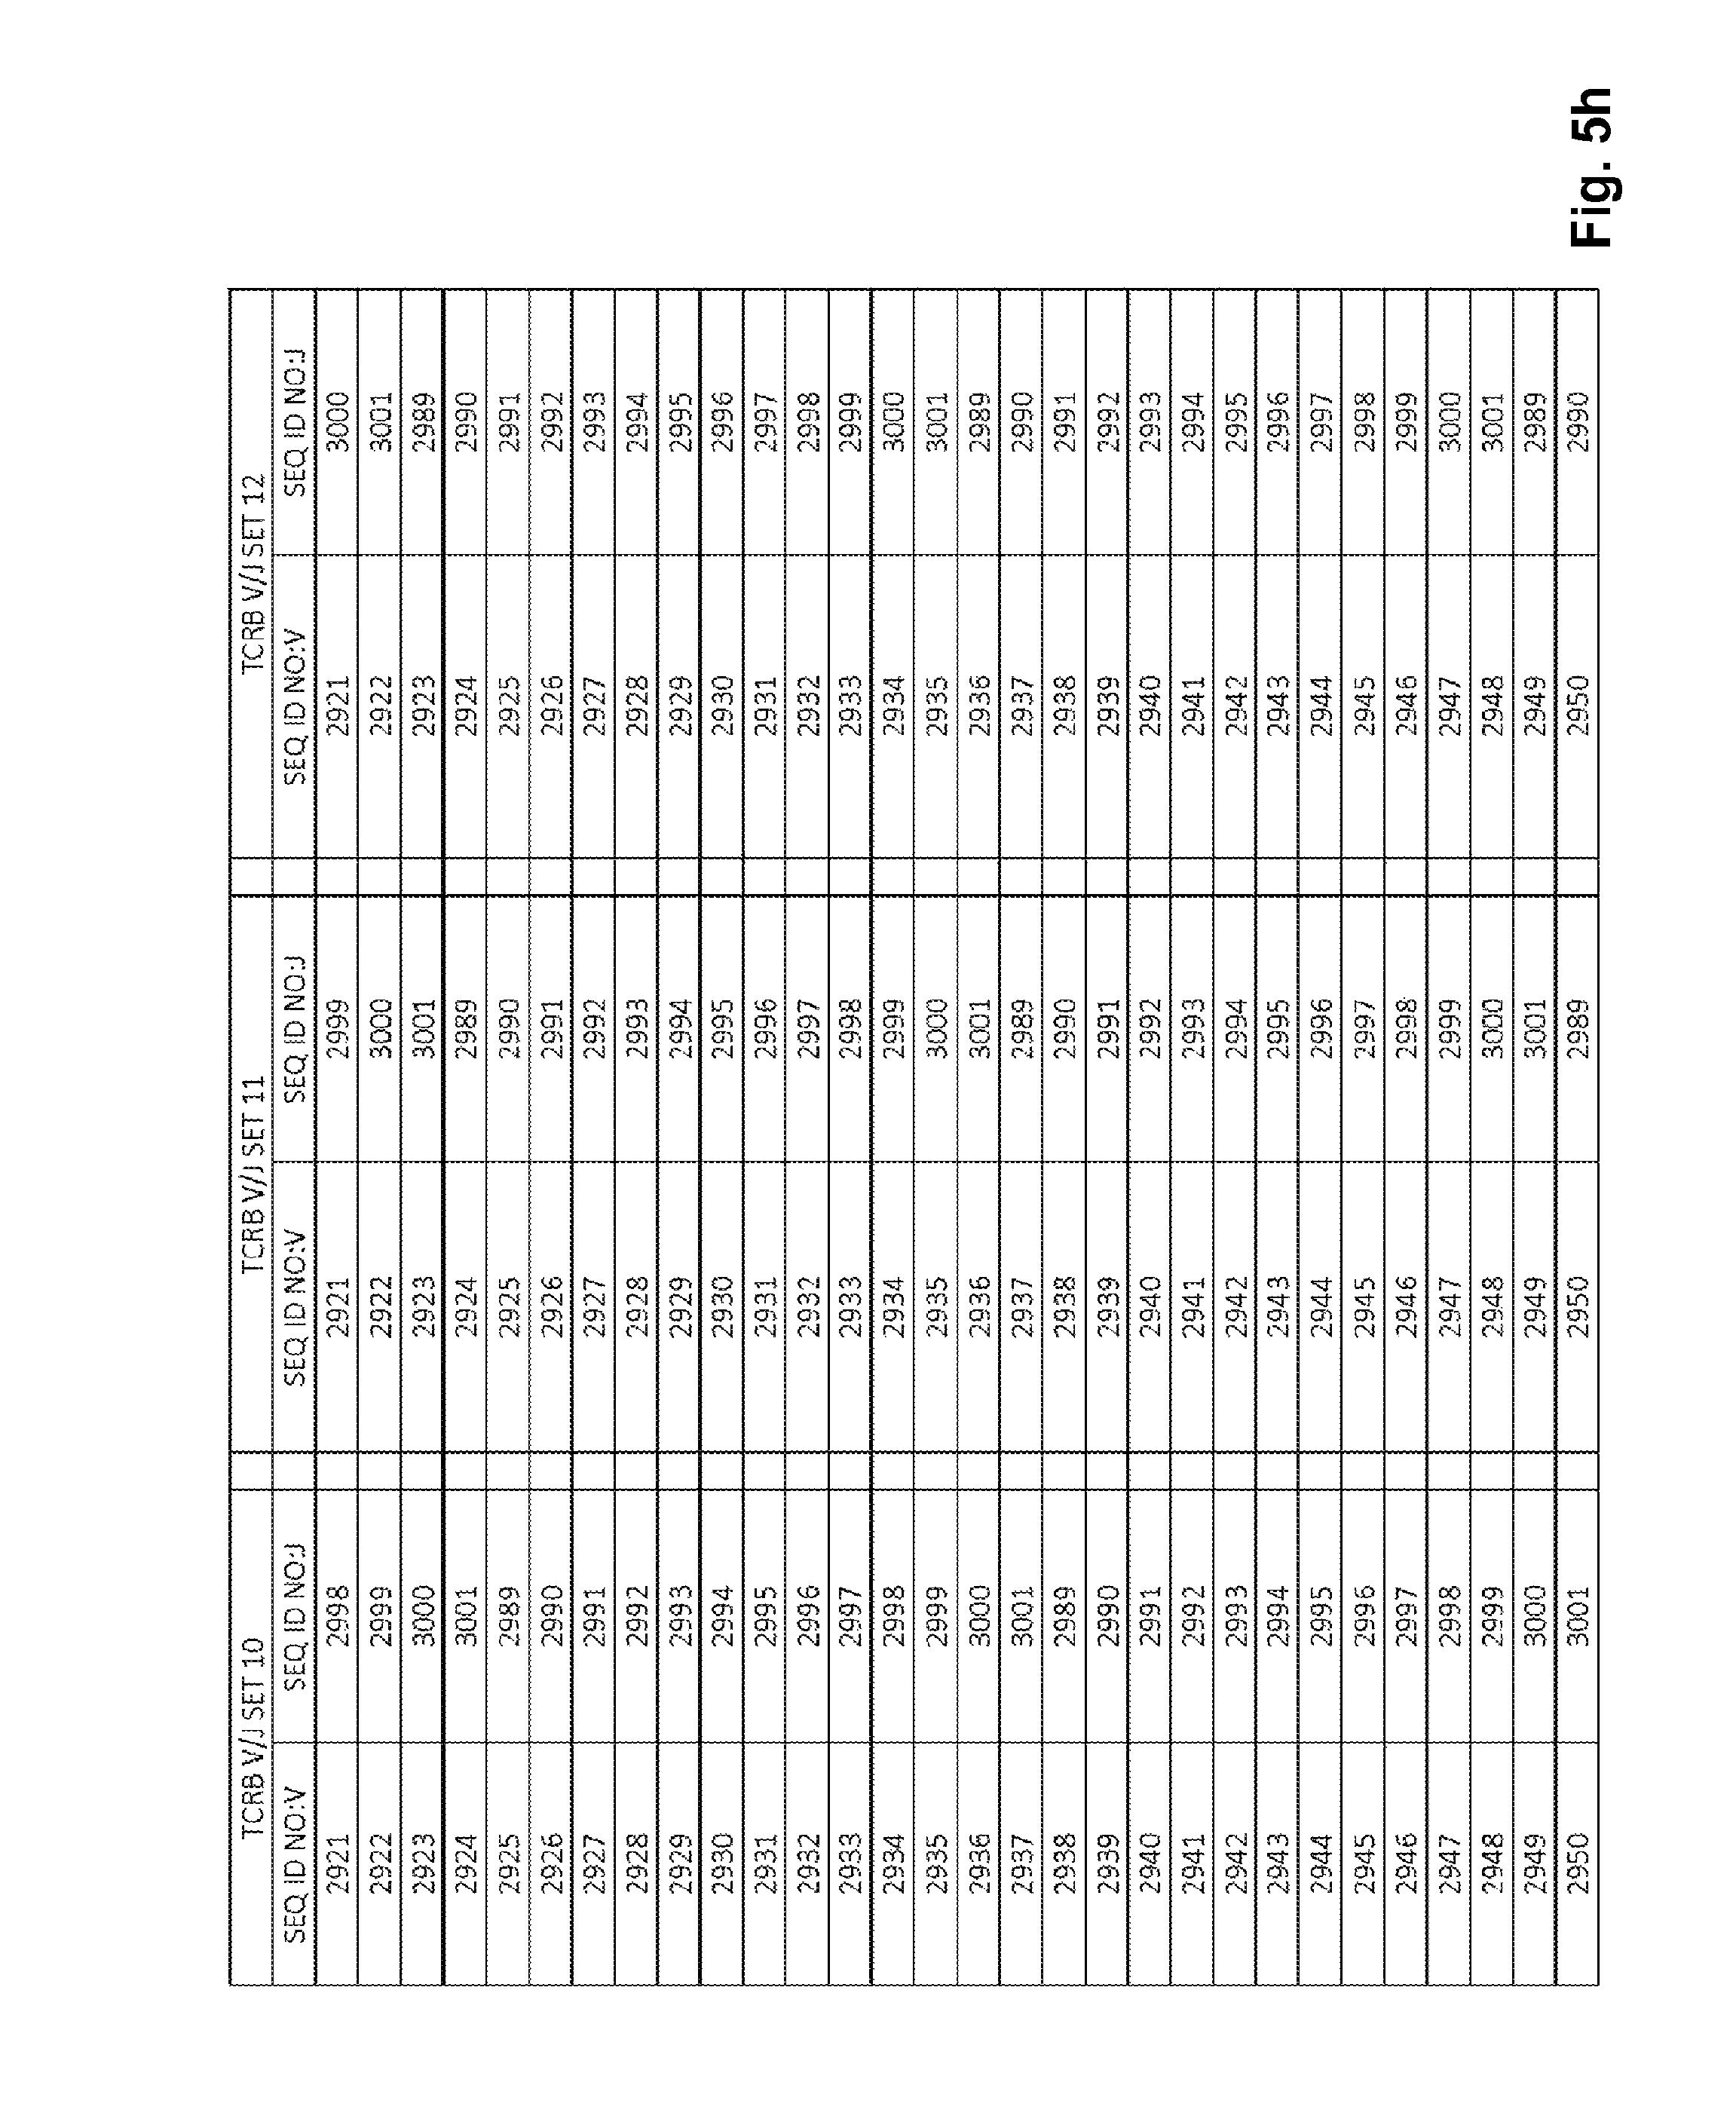 NOS CARLSON H1879 ADJUSTING KIT